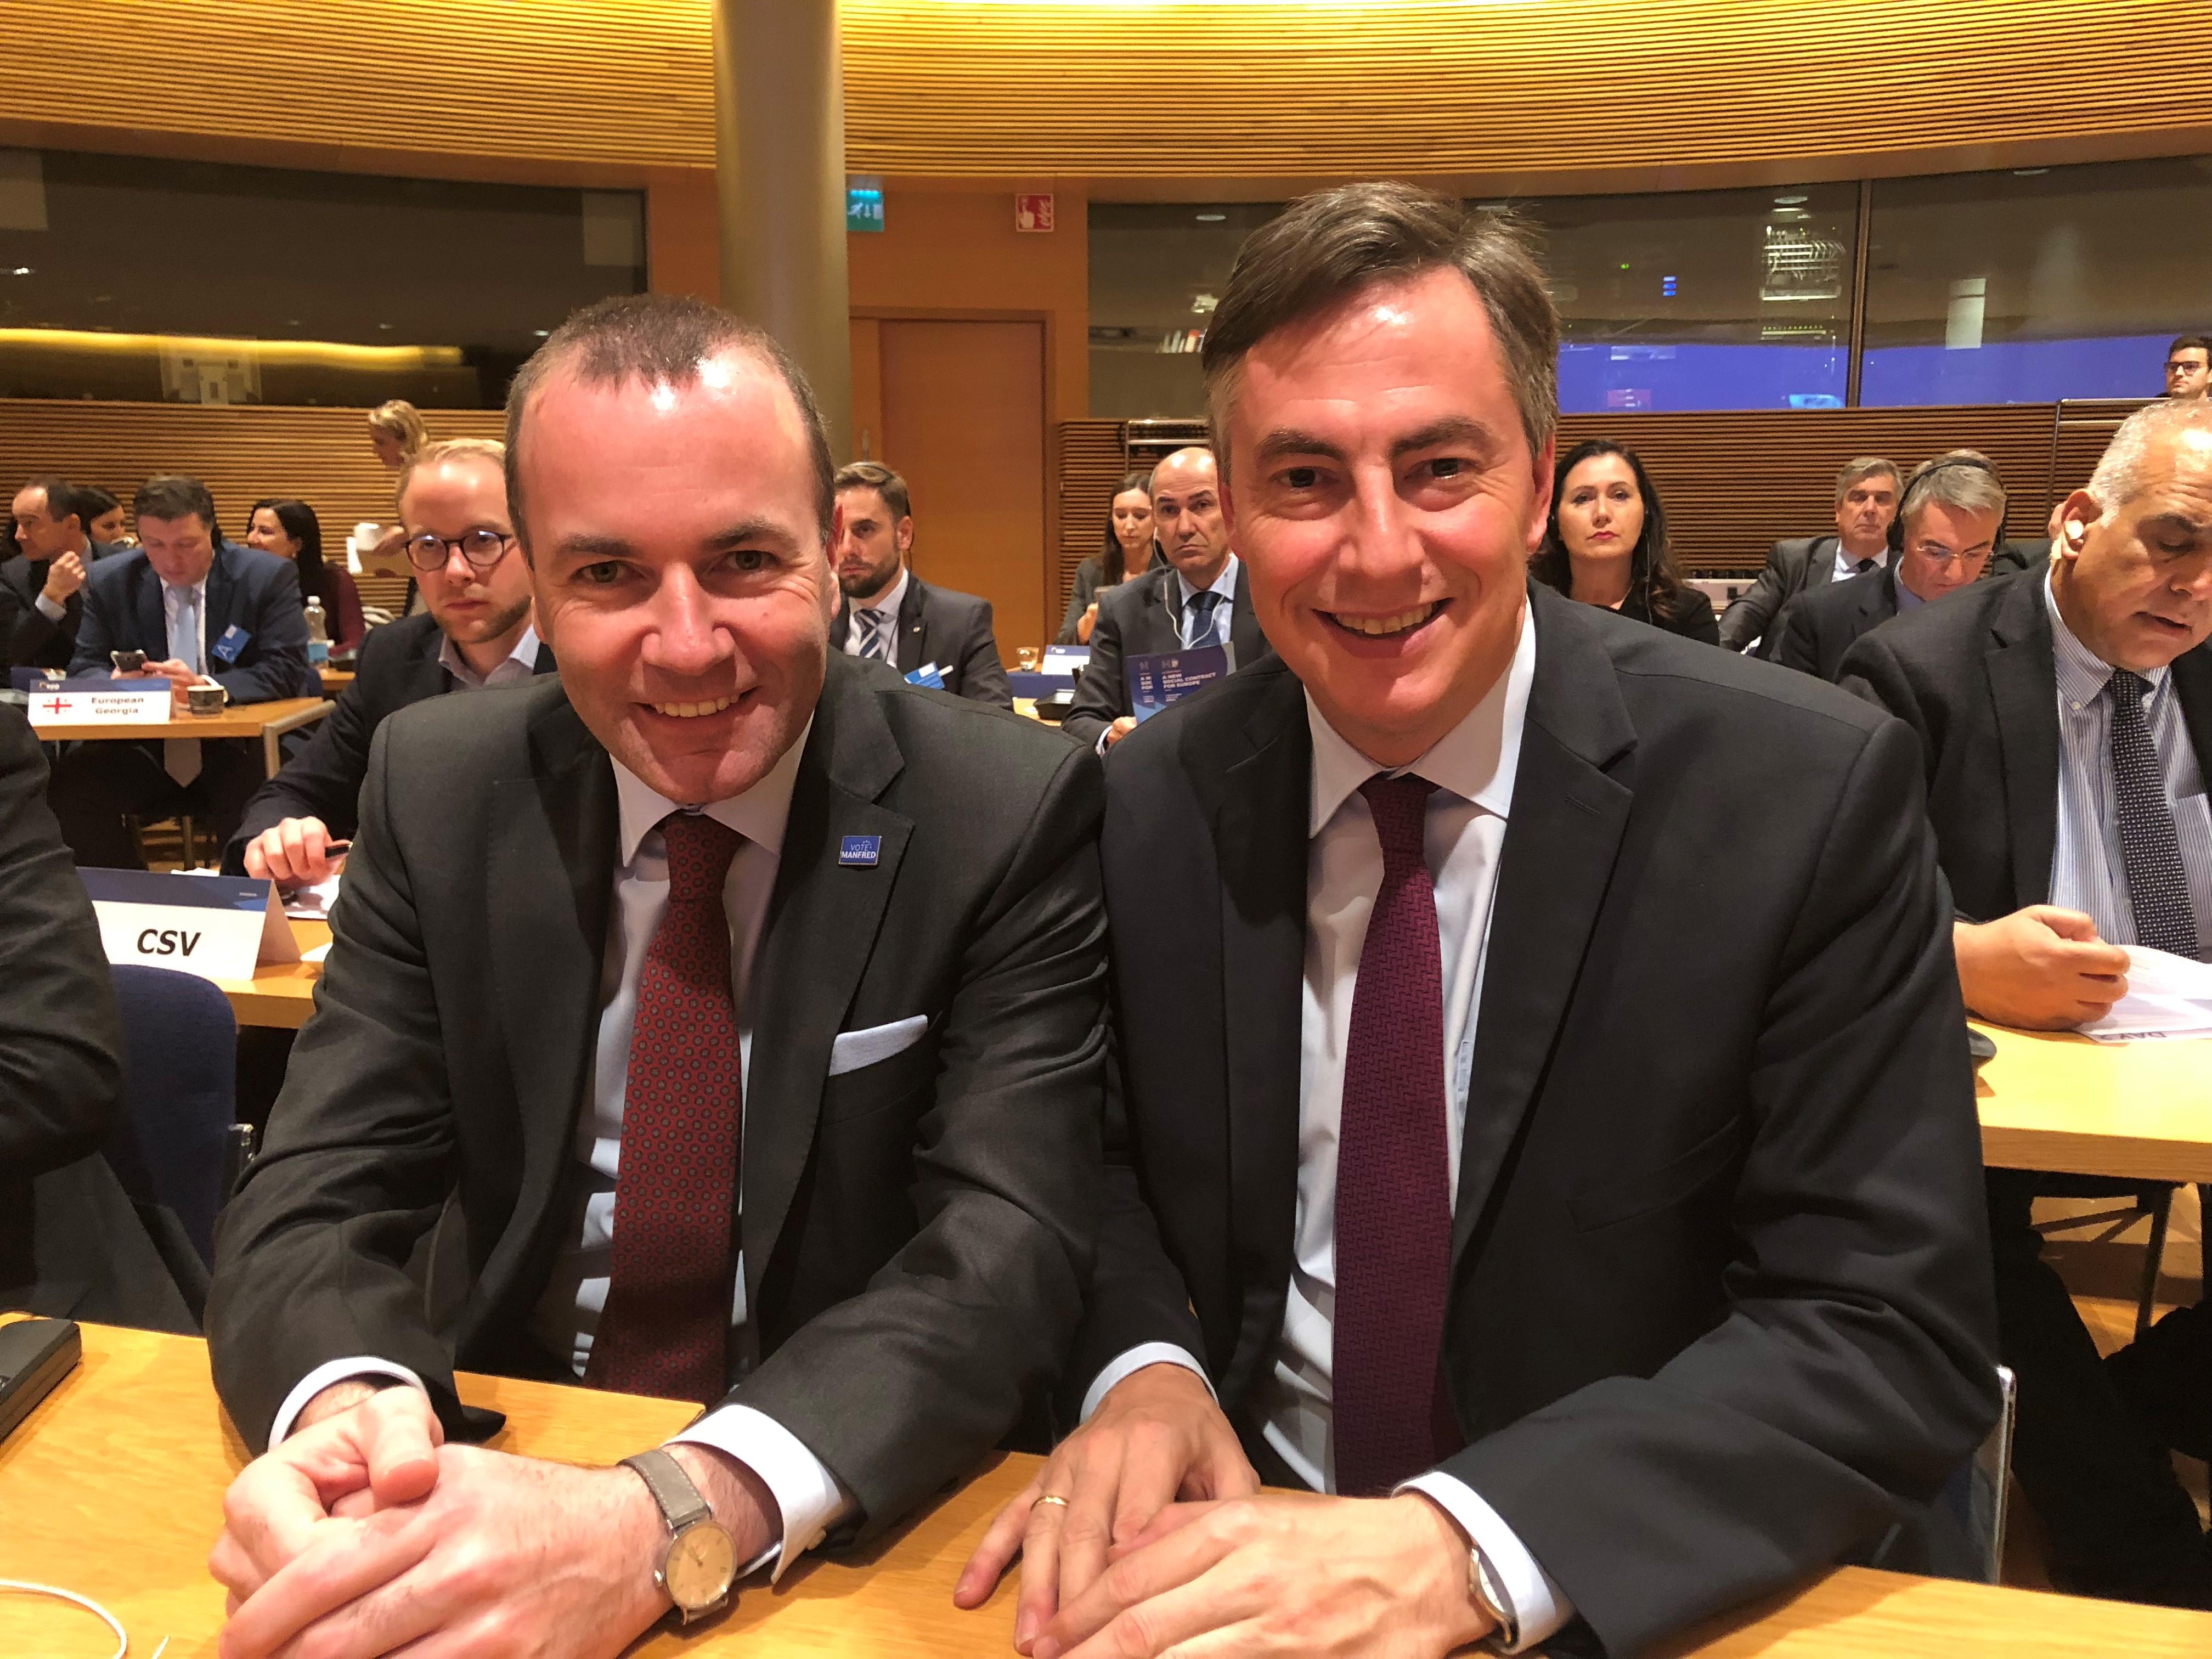 Presseinformation 08.11.2018: David McAllister begrüßt die Wahl von Manfred Weber zum Spitzenkandidaten der Europäischen Volkspartei